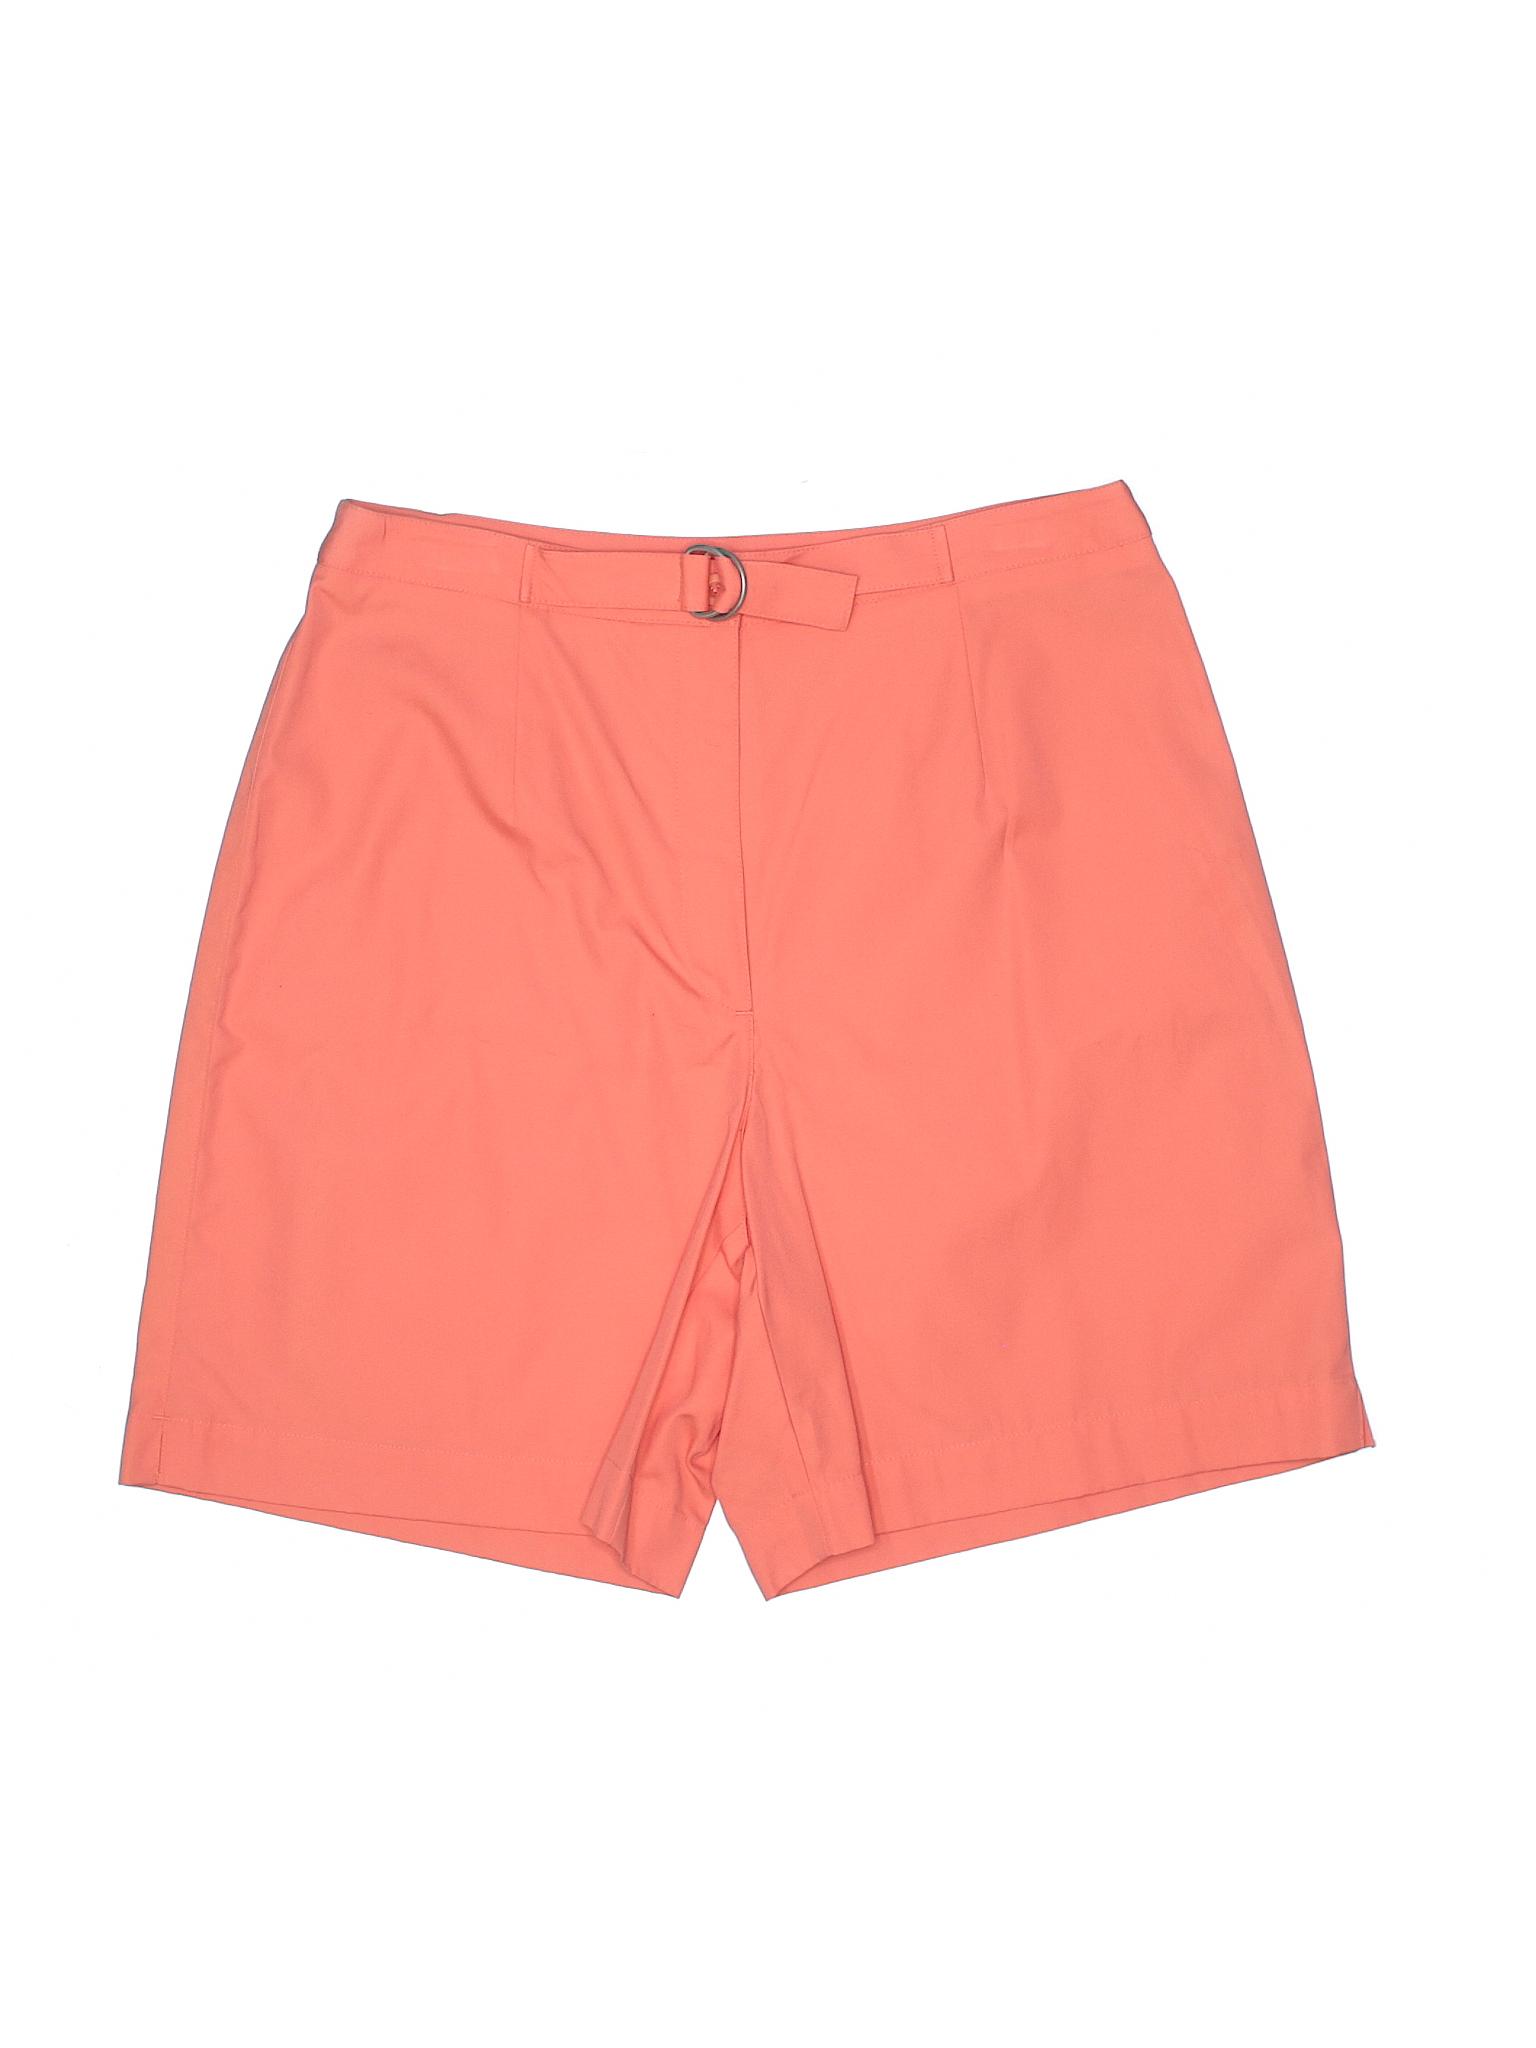 Boutique Shorts Boutique Boutique winter Shorts winter winter Claiborne Claiborne Liz Claiborne Liz Shorts Liz dR1xFn